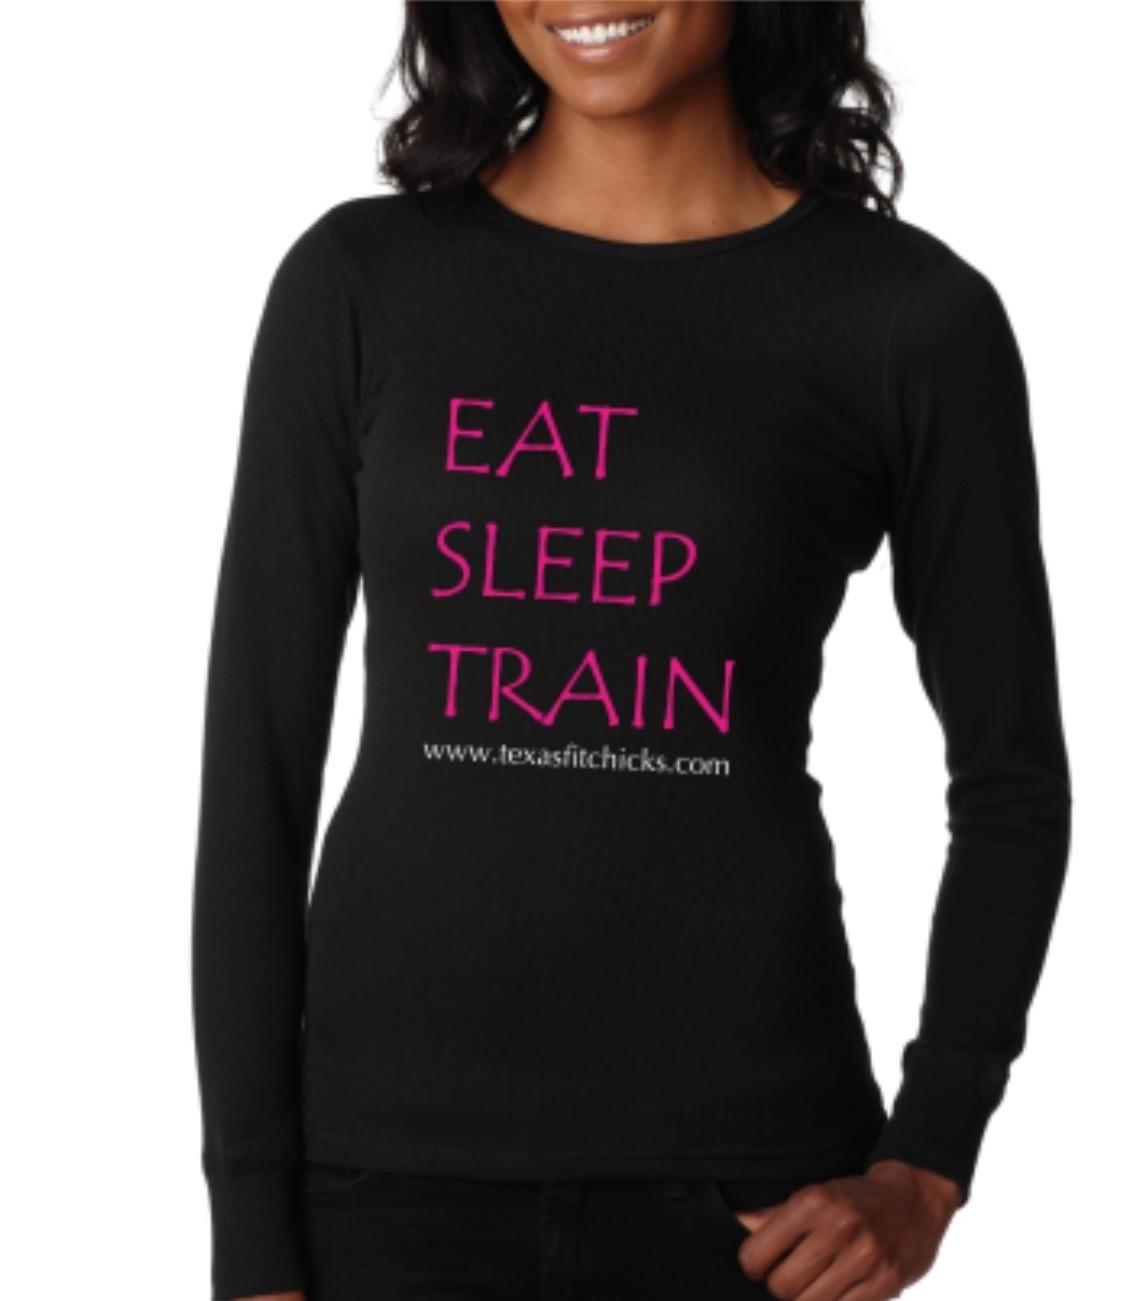 Eat Sleep Train Long Sleeved Scoop